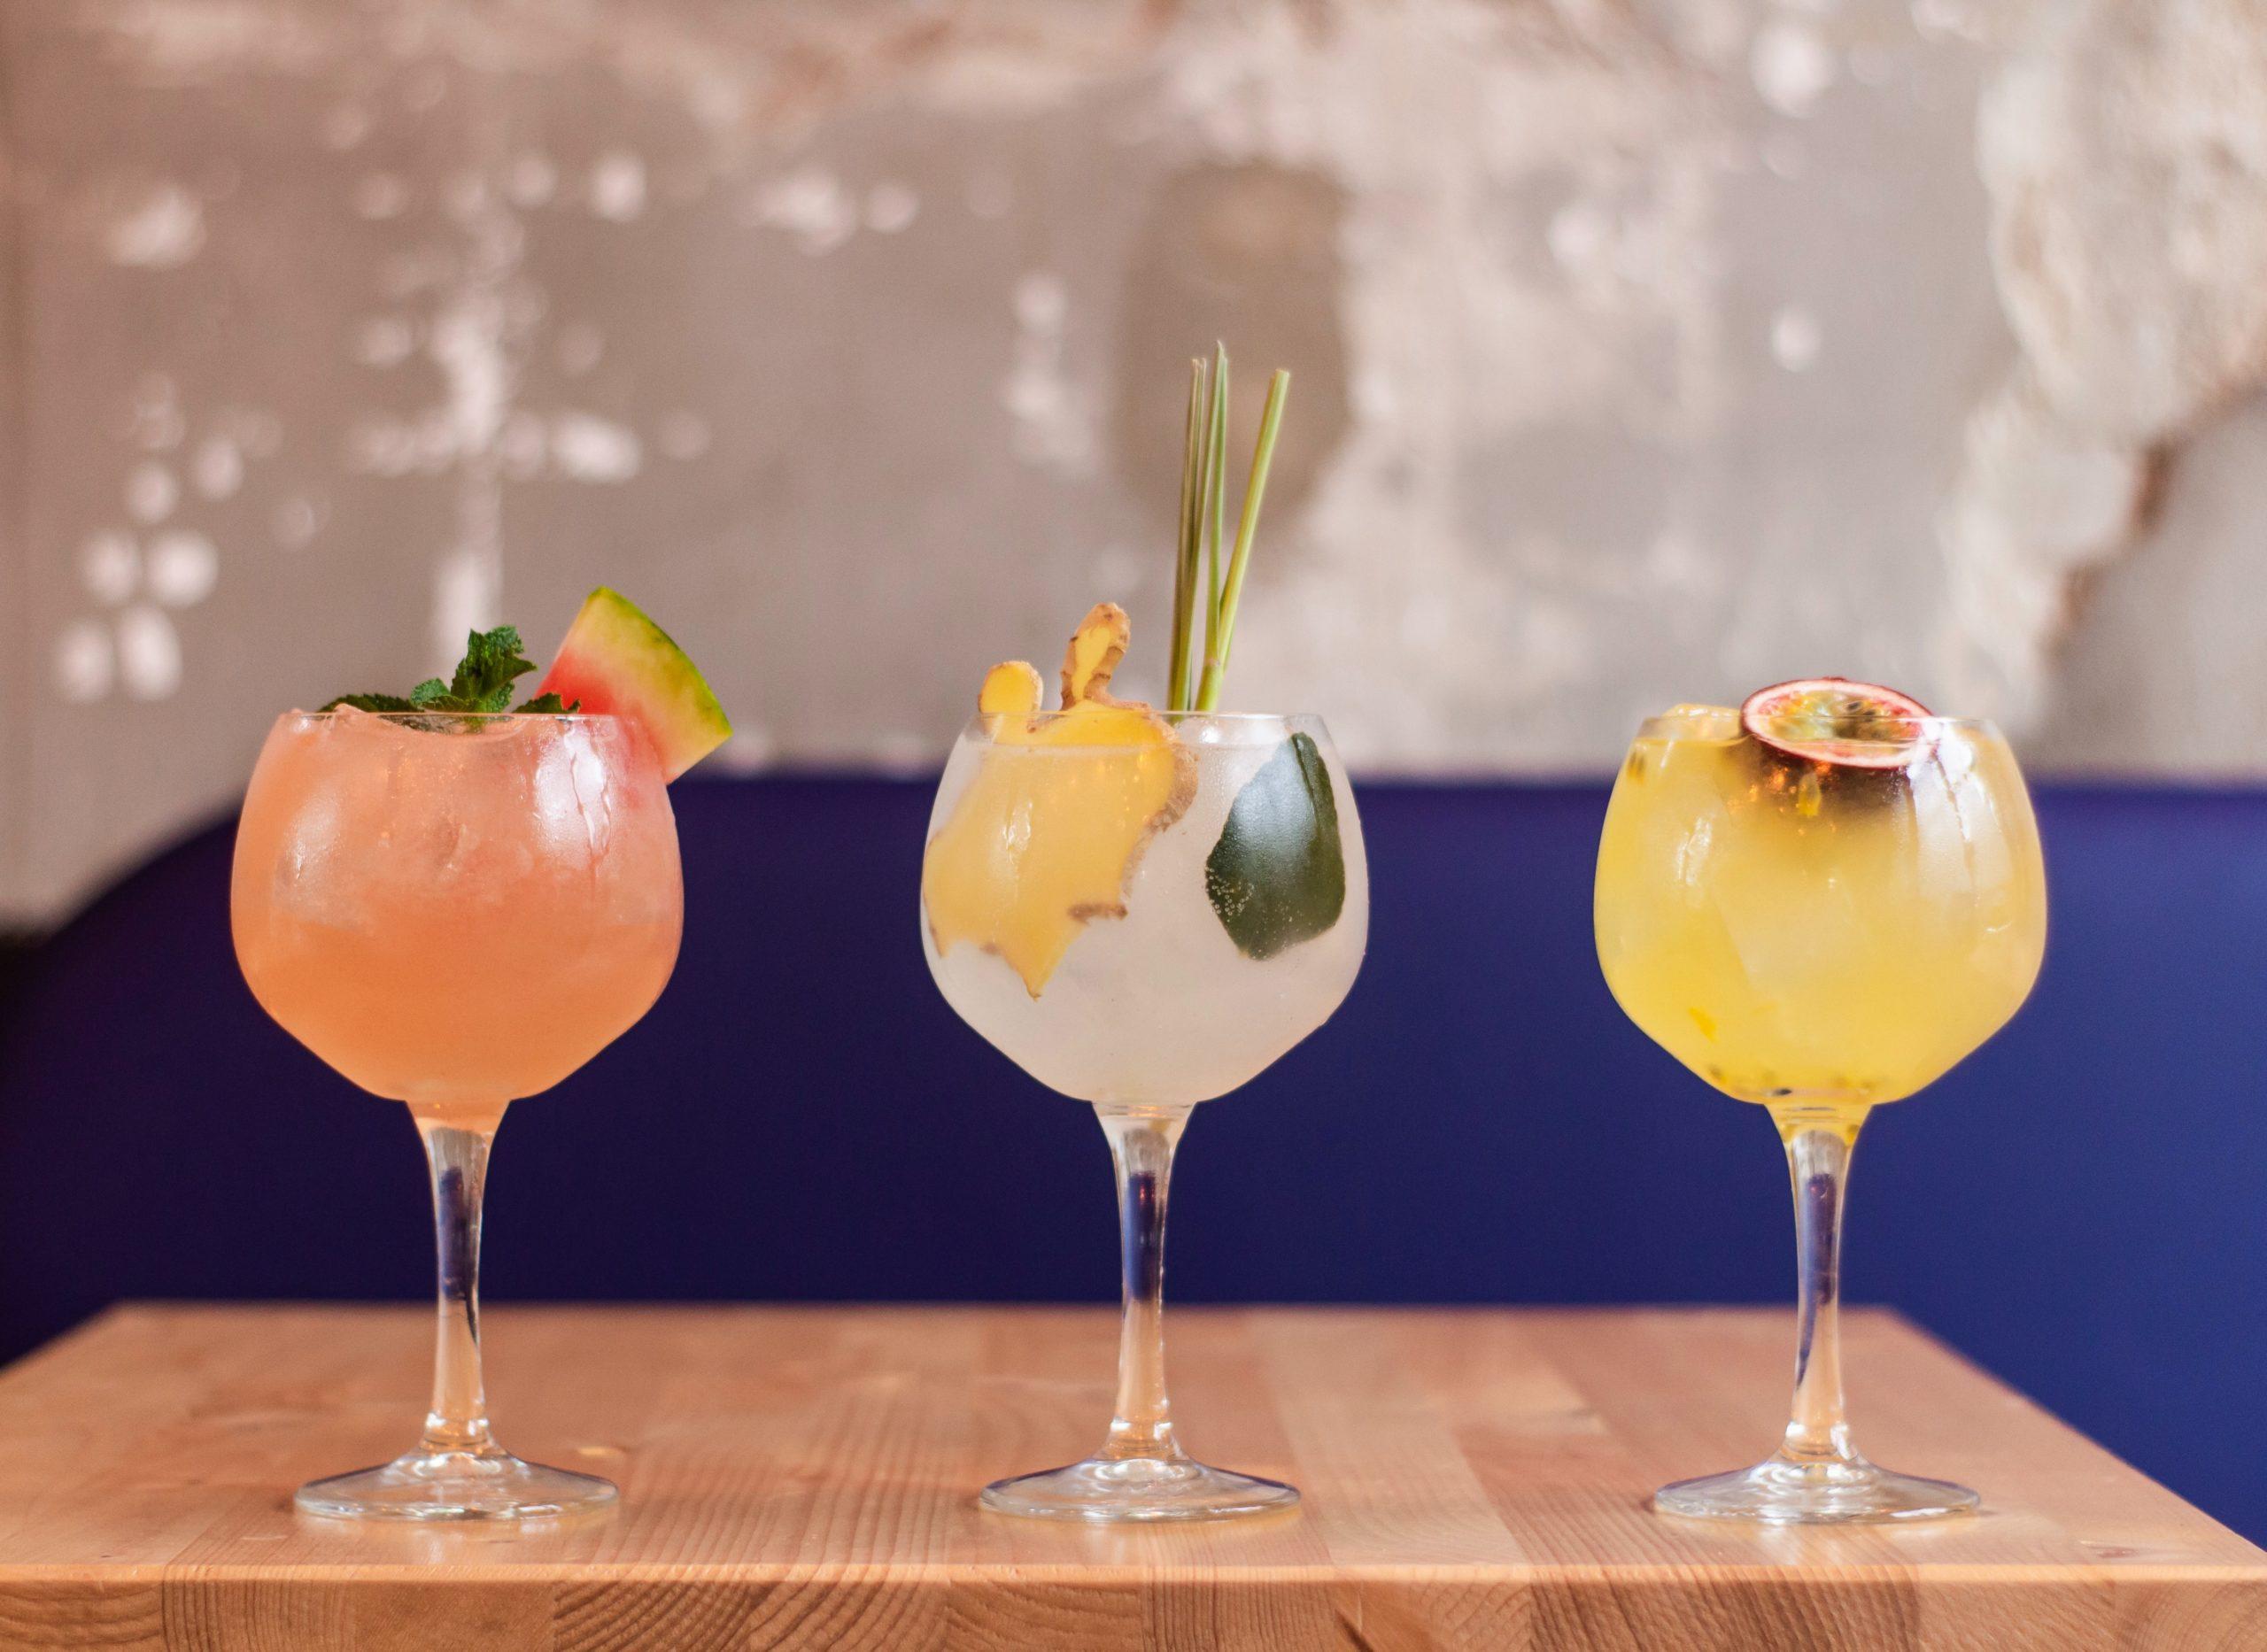 Pensando en todos los beneficios de la ginebra sin los efectos secundarios del alcohol?